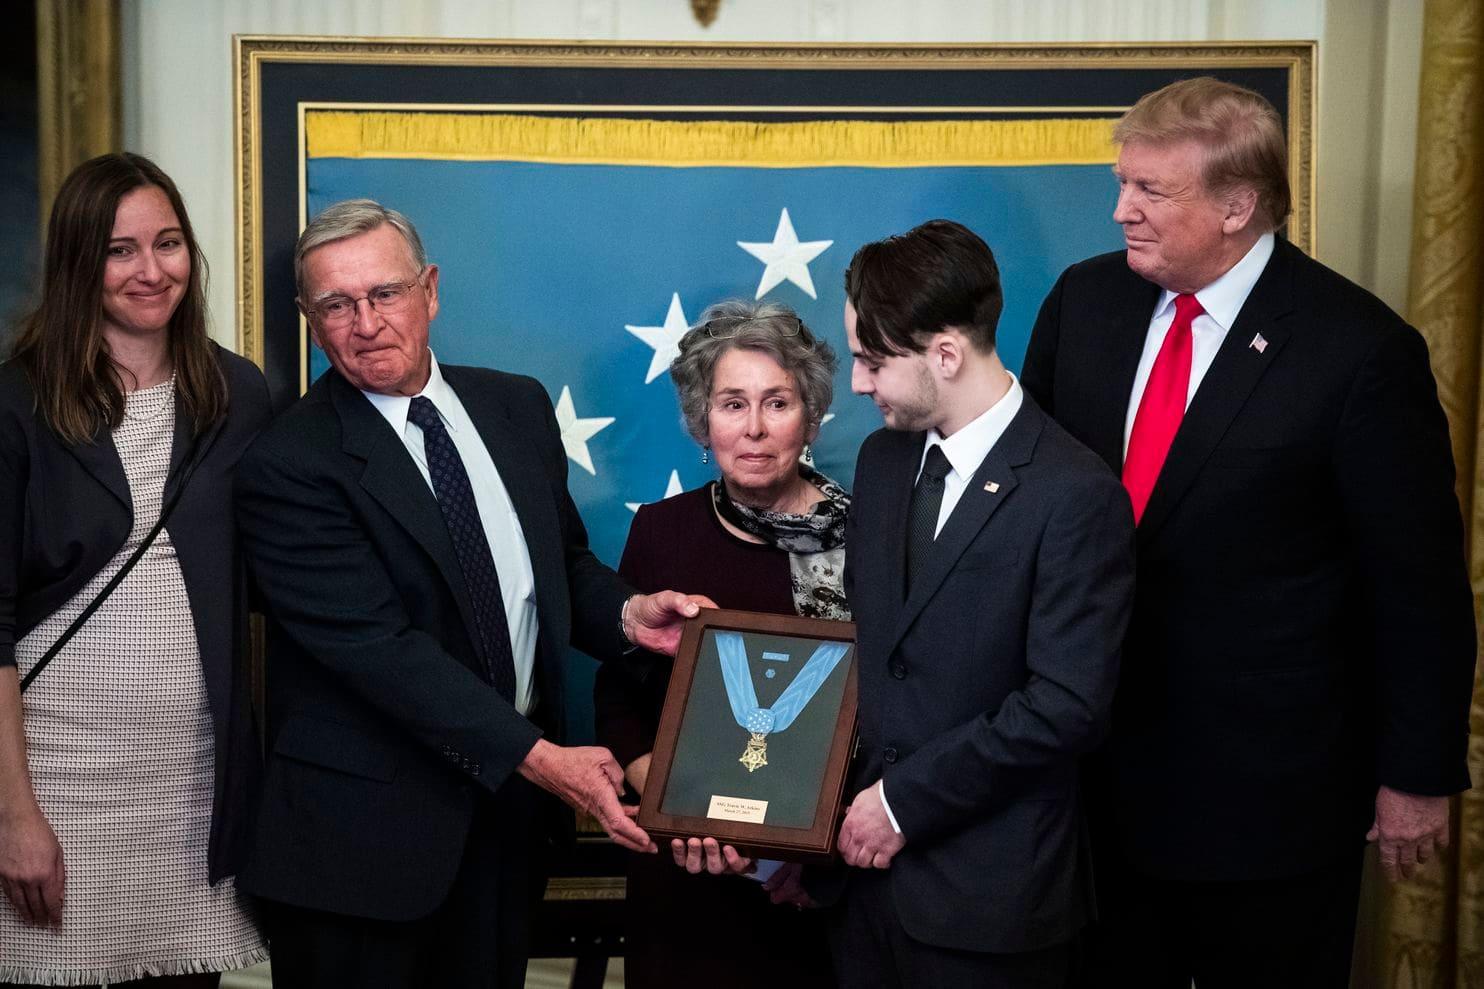 Medalia de Onoare Travis Atkins Donald Trump